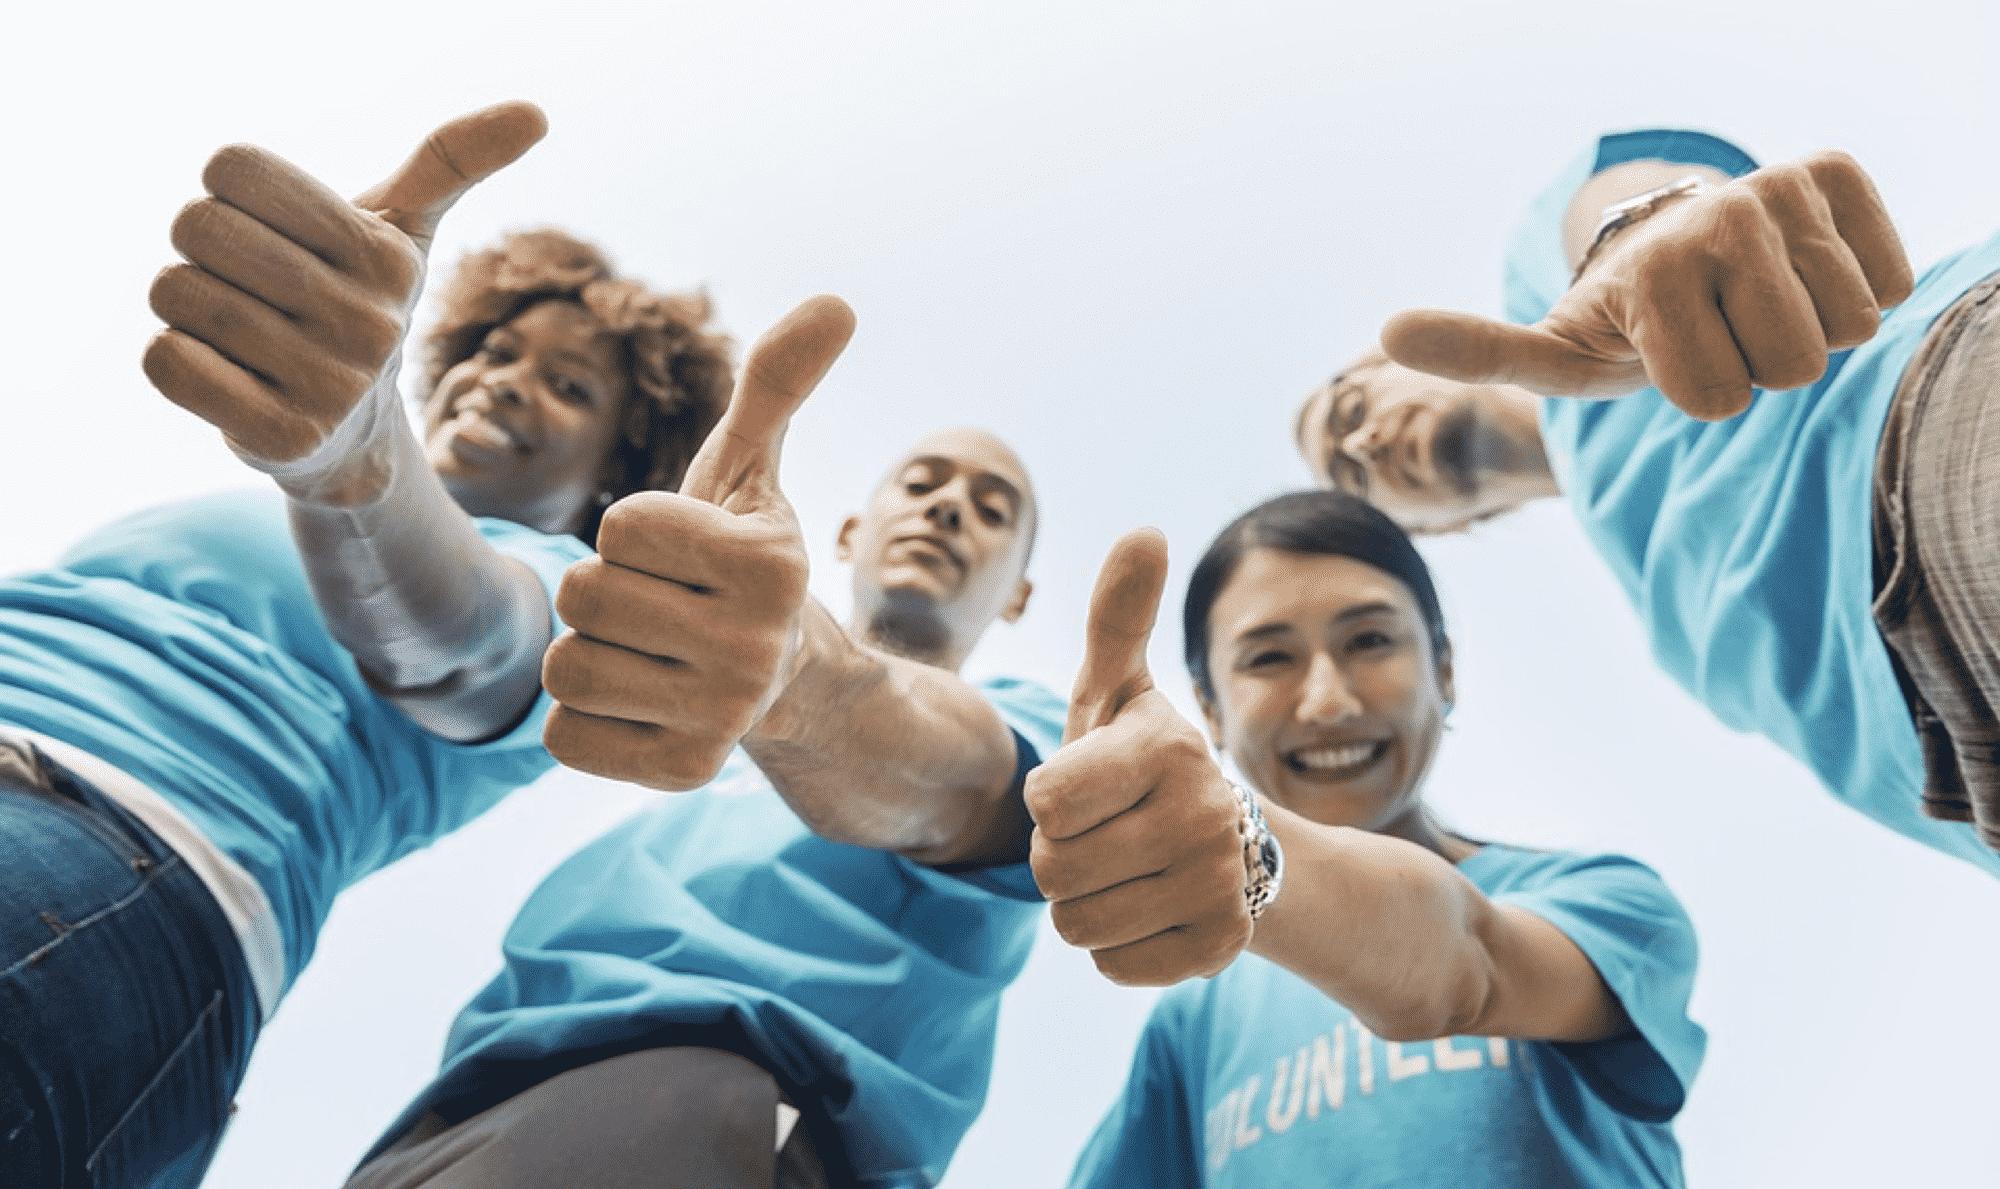 Leer- en groeiperspectief | BSC | 3 soorten kapitaal